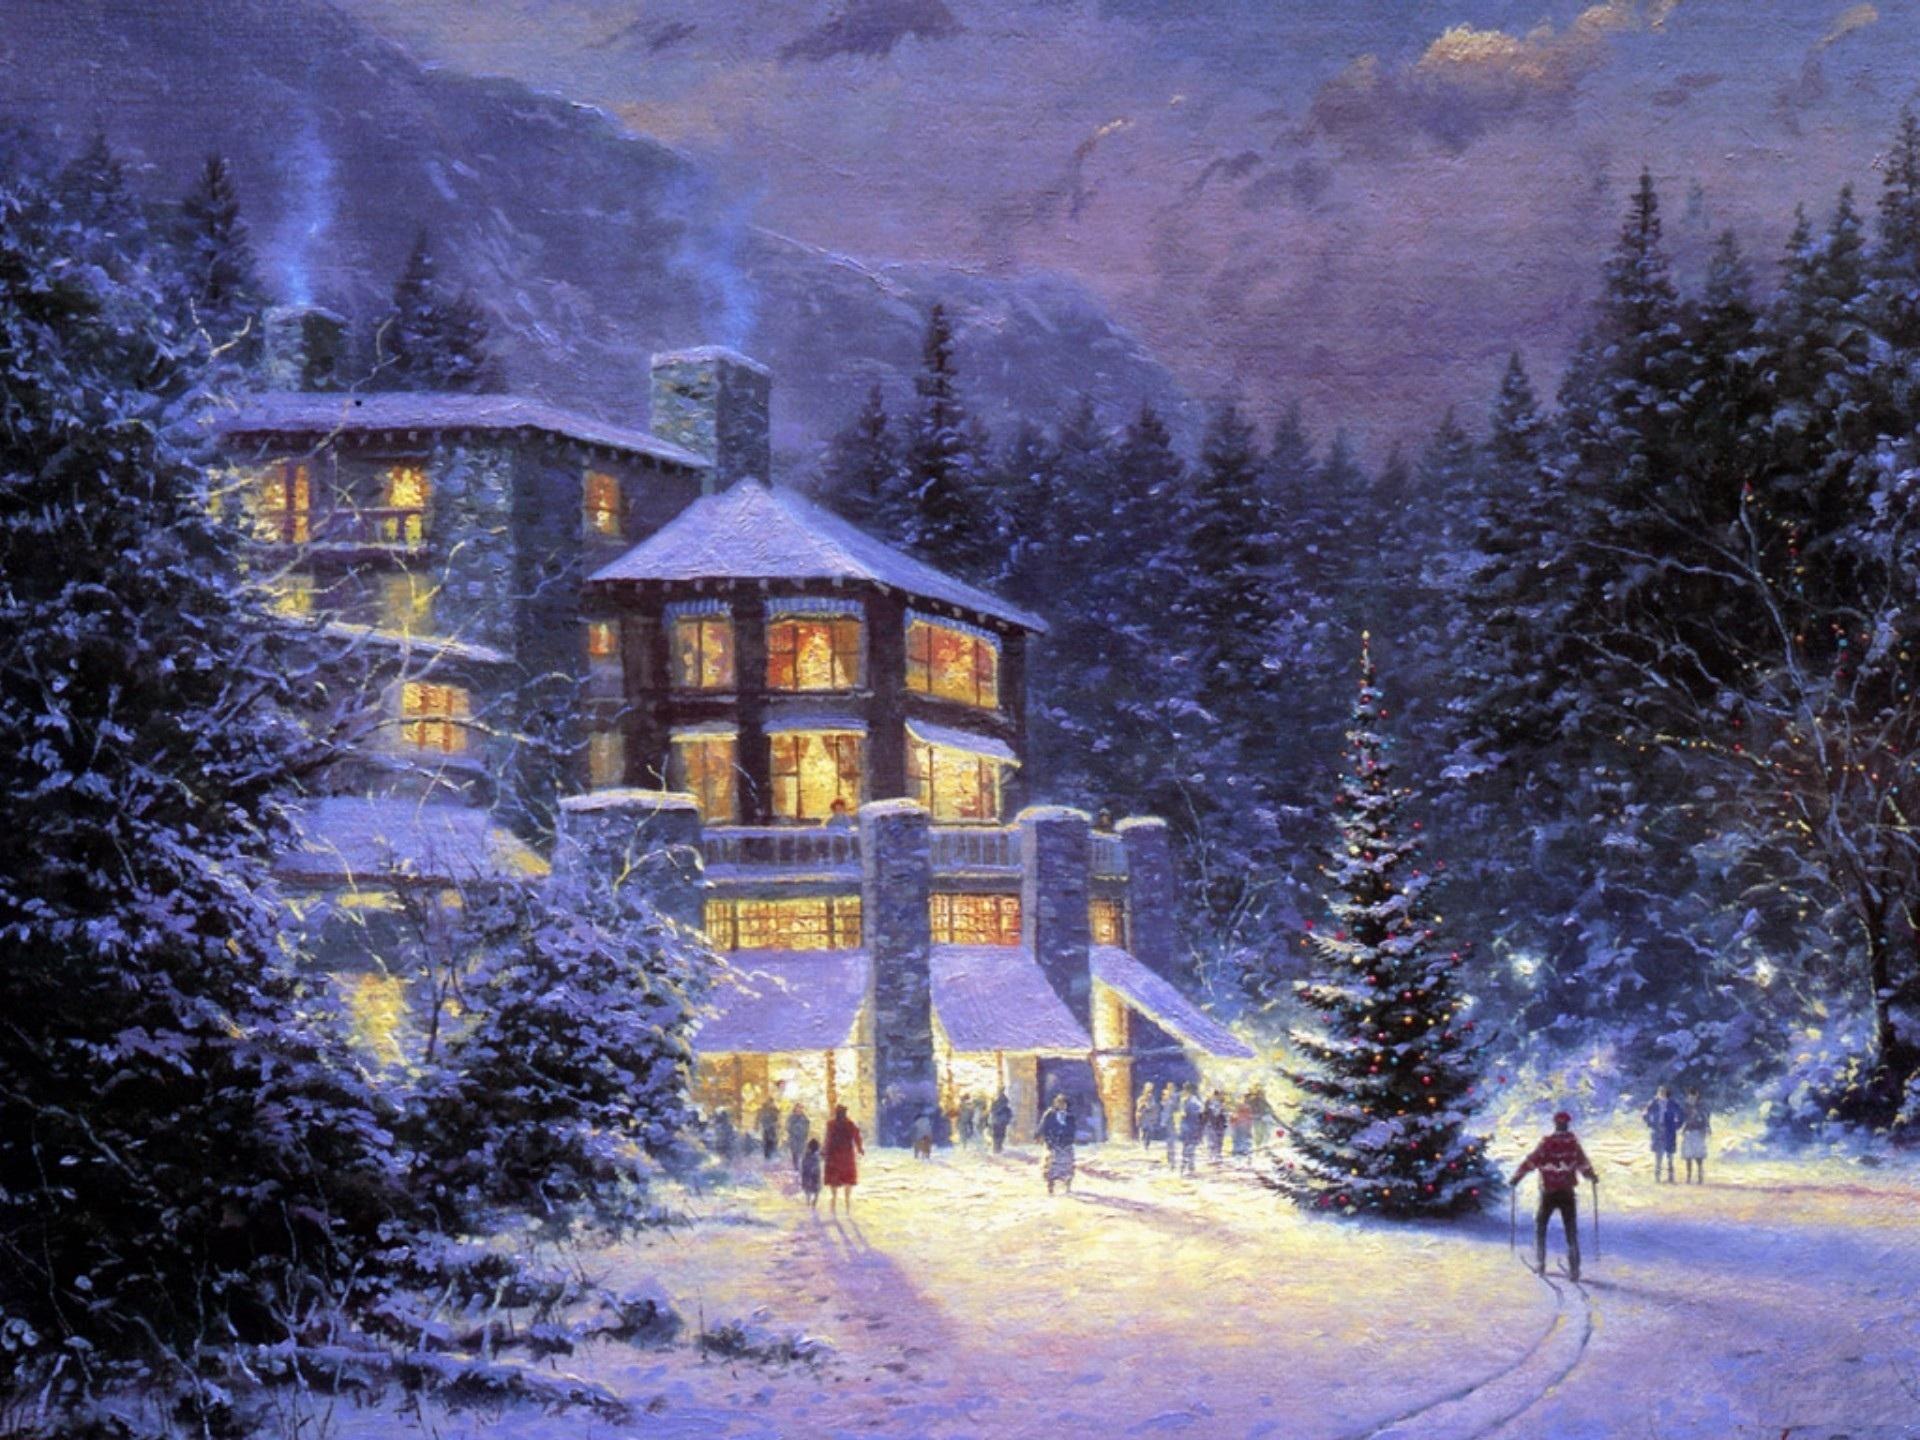 снег зима усадьба фазенда бесплатно